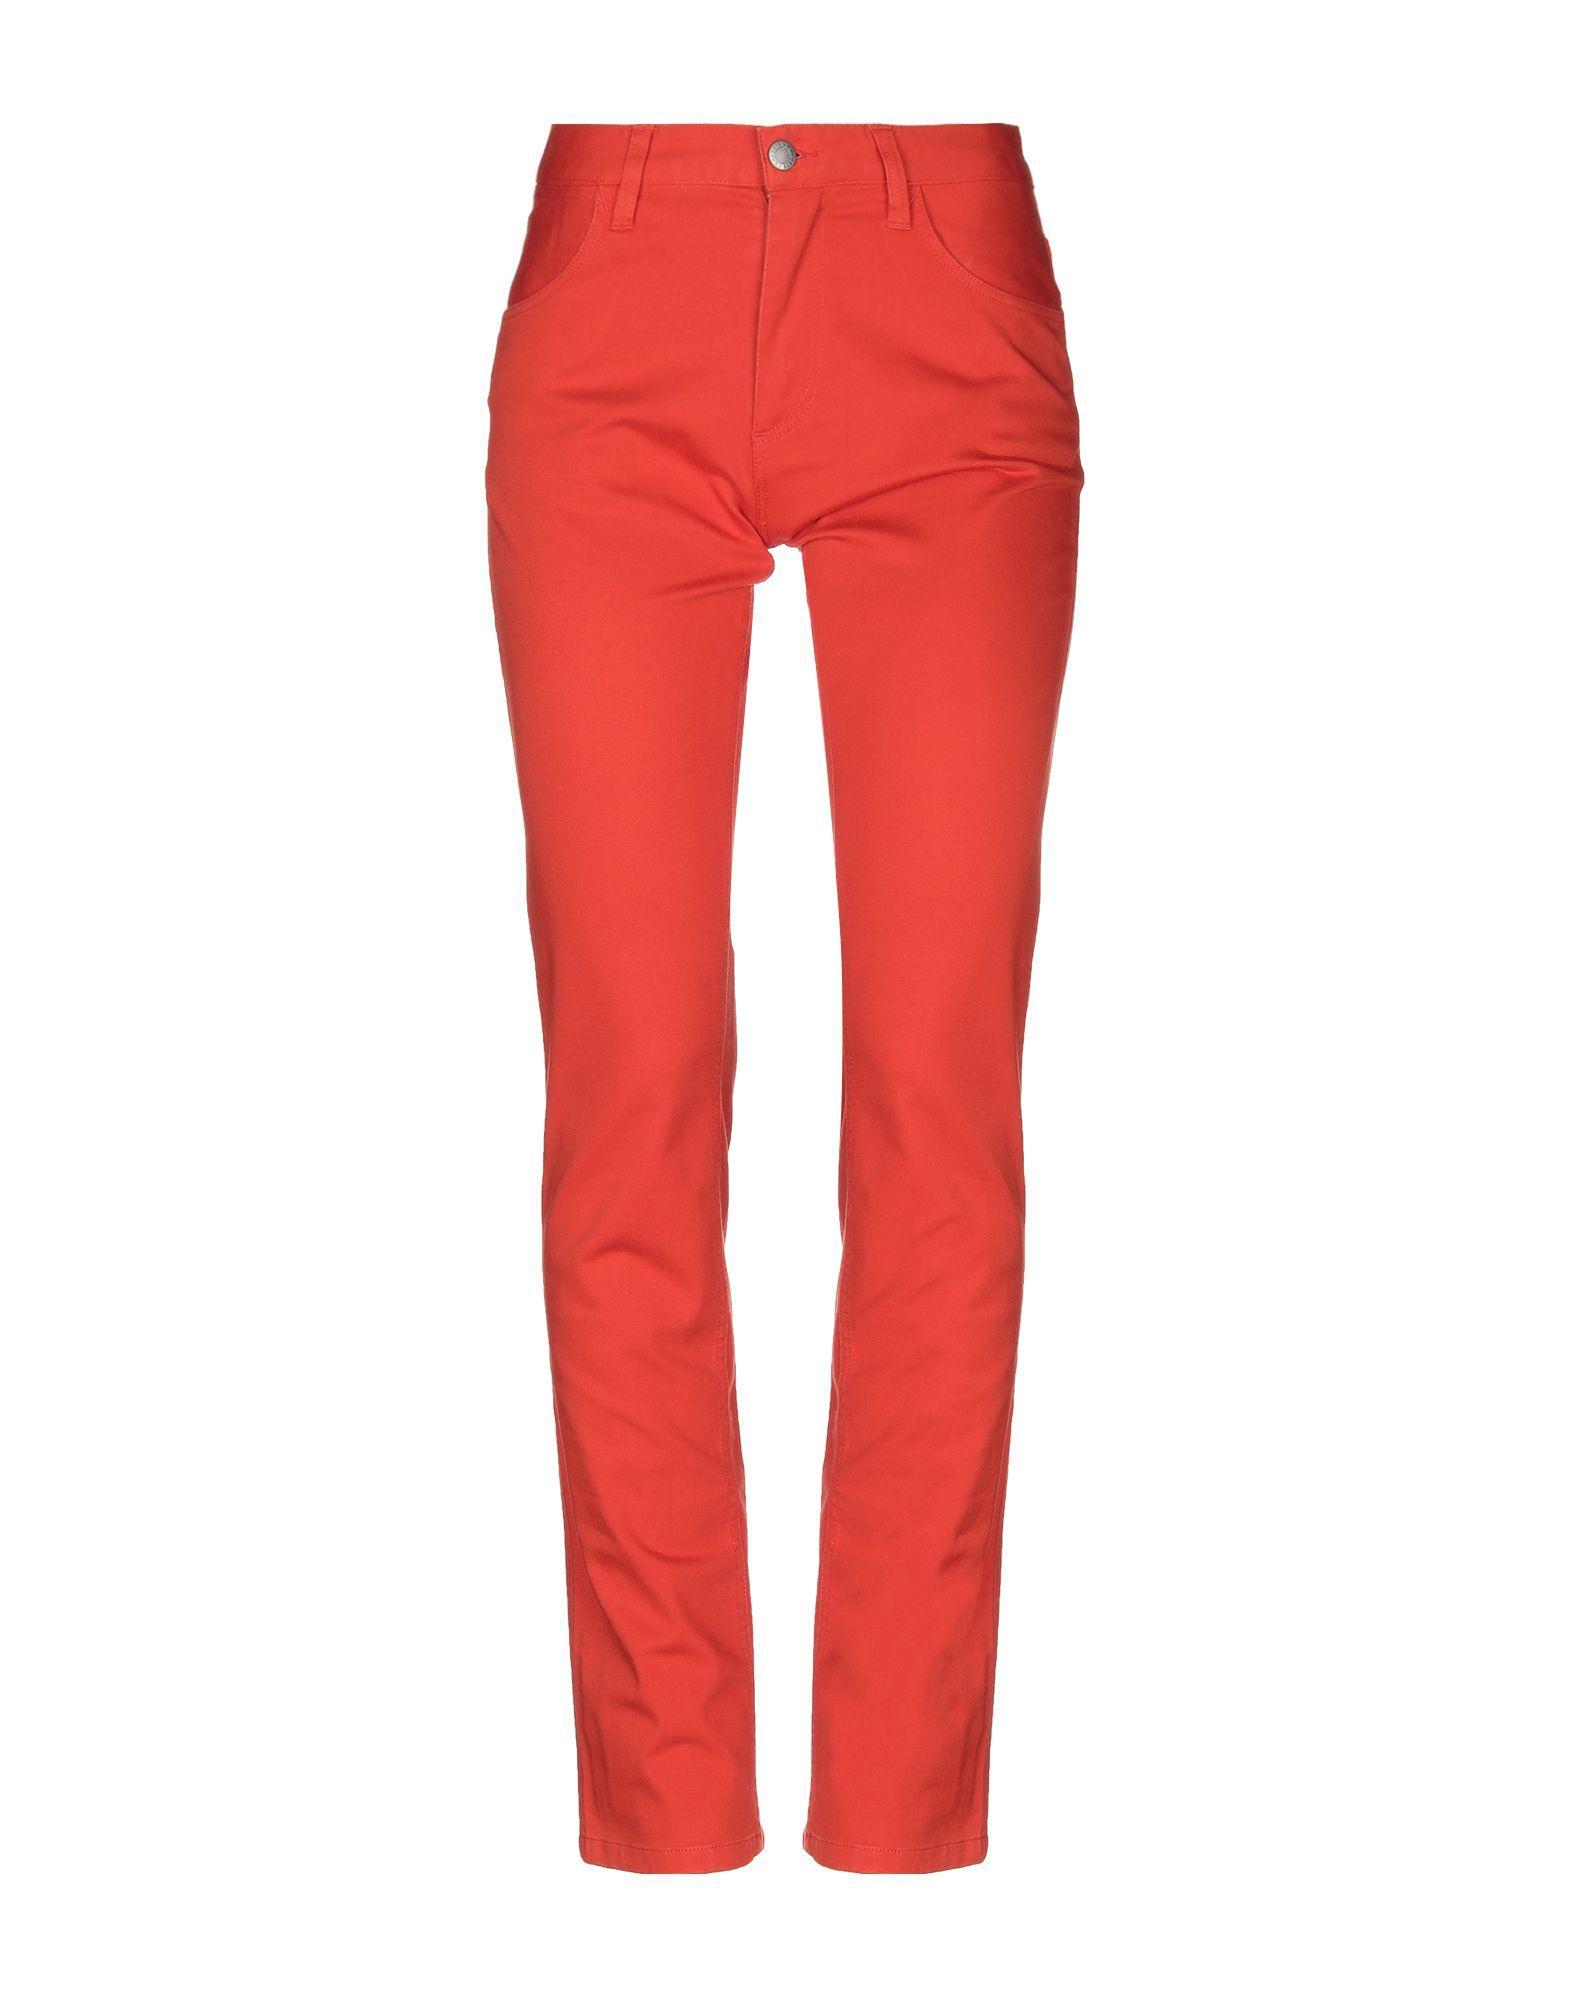 Повседневные брюки  Оранжевый цвета